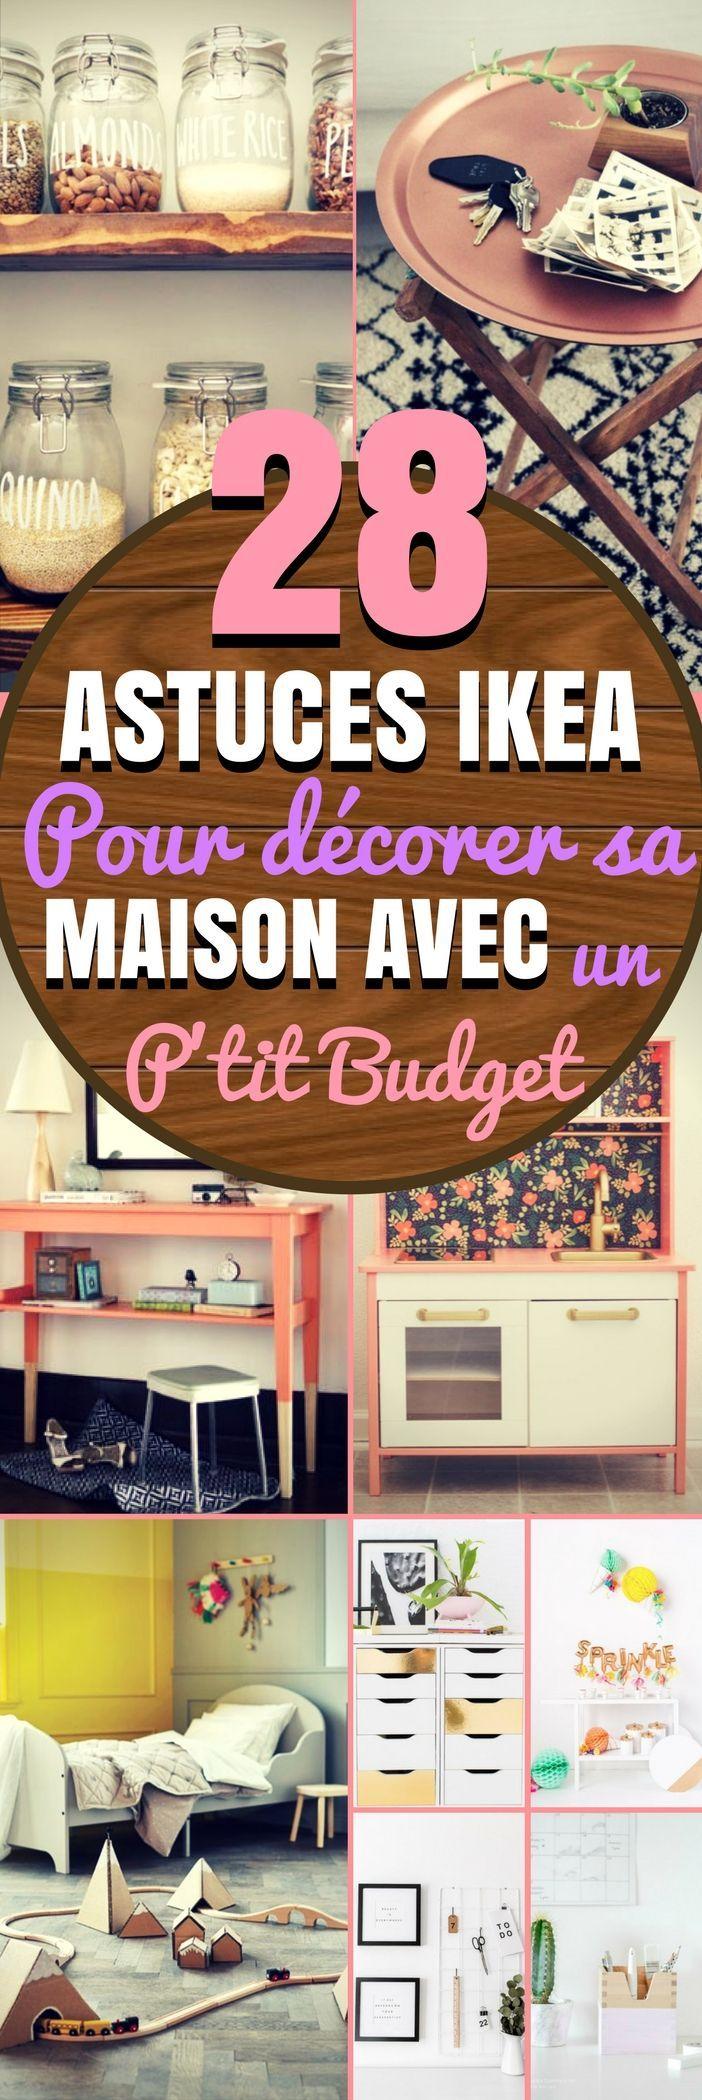 Soyons honnêtes, décorer une maison peut rapidement devenir chère ! Mais si vous ne voulez pas dépenser une fortune en décoration, il existe une multitude de détournement de meubles IKEA à faire (et qui ne coûte pas cher). Voici donc des idées pour relooker vos meubles Ikea. Le Relooking ikea c'est tout un art ! Dans cet article, nous nous sommes concentrés sur des astuces de l'enseigne IKEA. Il faut savoir que beaucoup de meubles IKEA... #ikea #deco #decoration #idéesdéco #astuces…